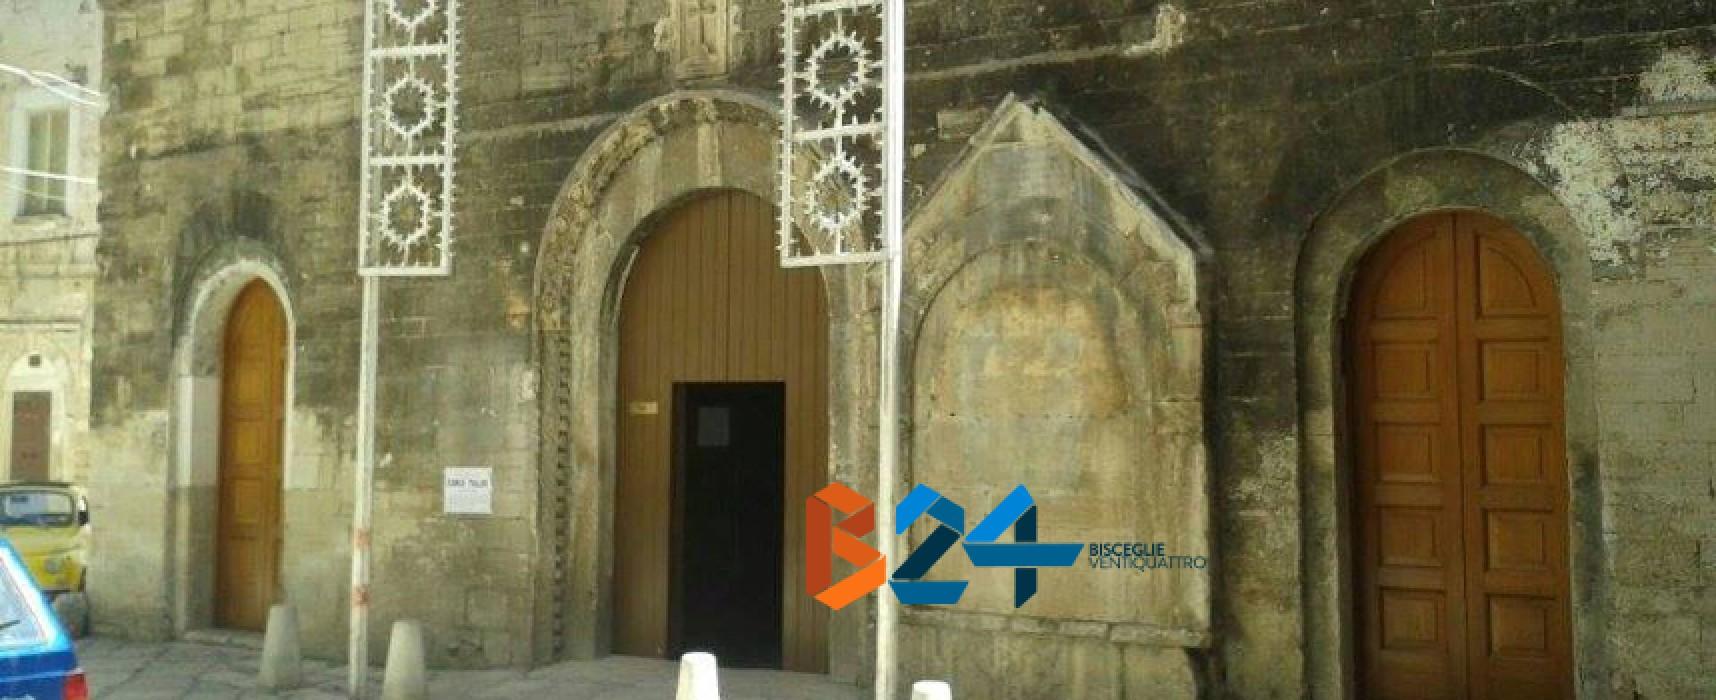 Fa Mi Re Mi e parrocchia Sant'Adoeno, concerto di beneficenza pro Caritas